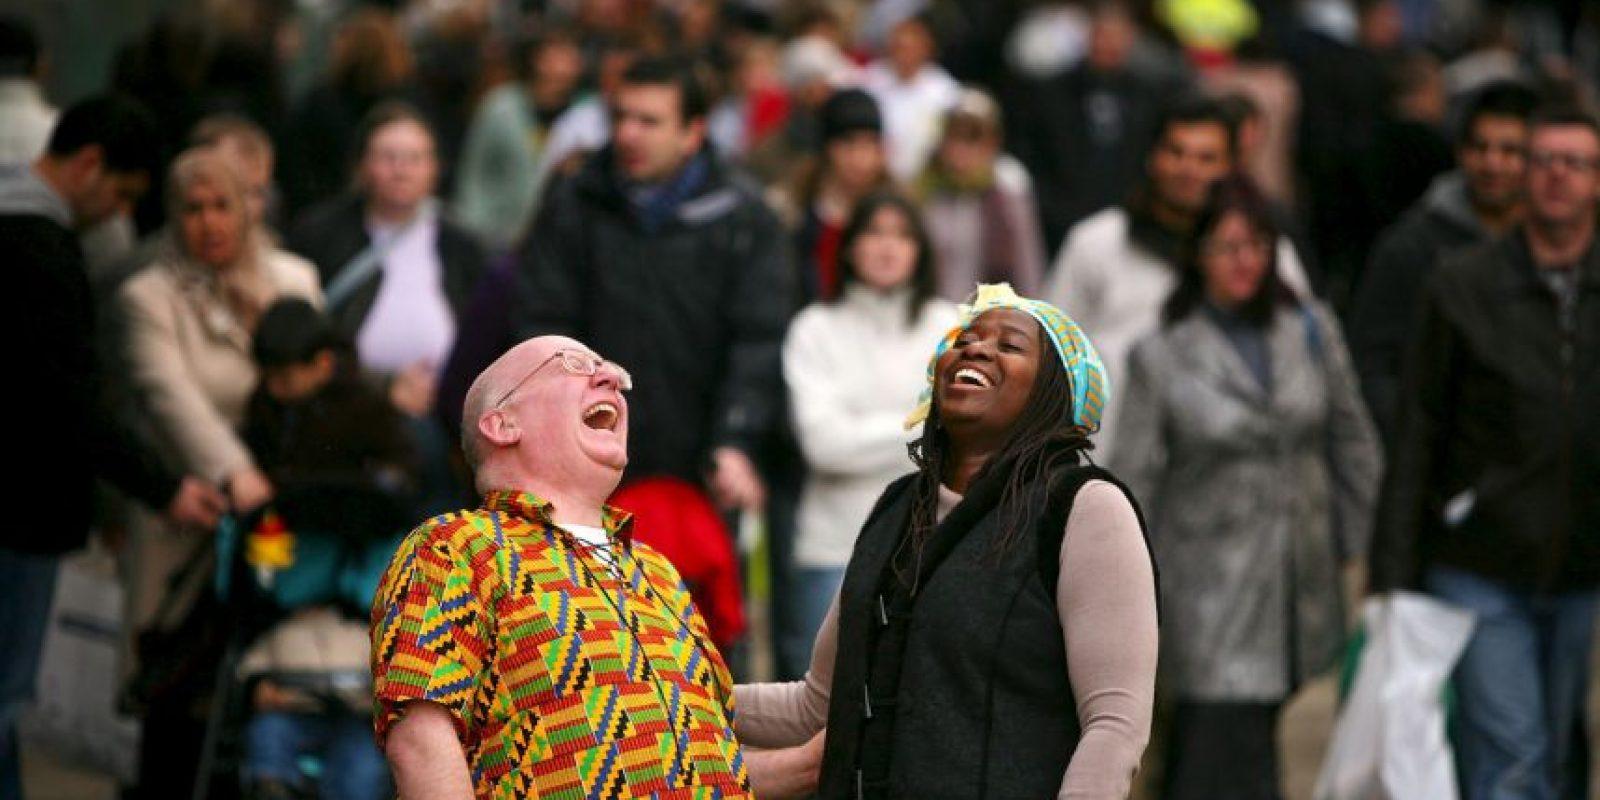 5. Sensaciones físicas positivas Foto:Getty Images